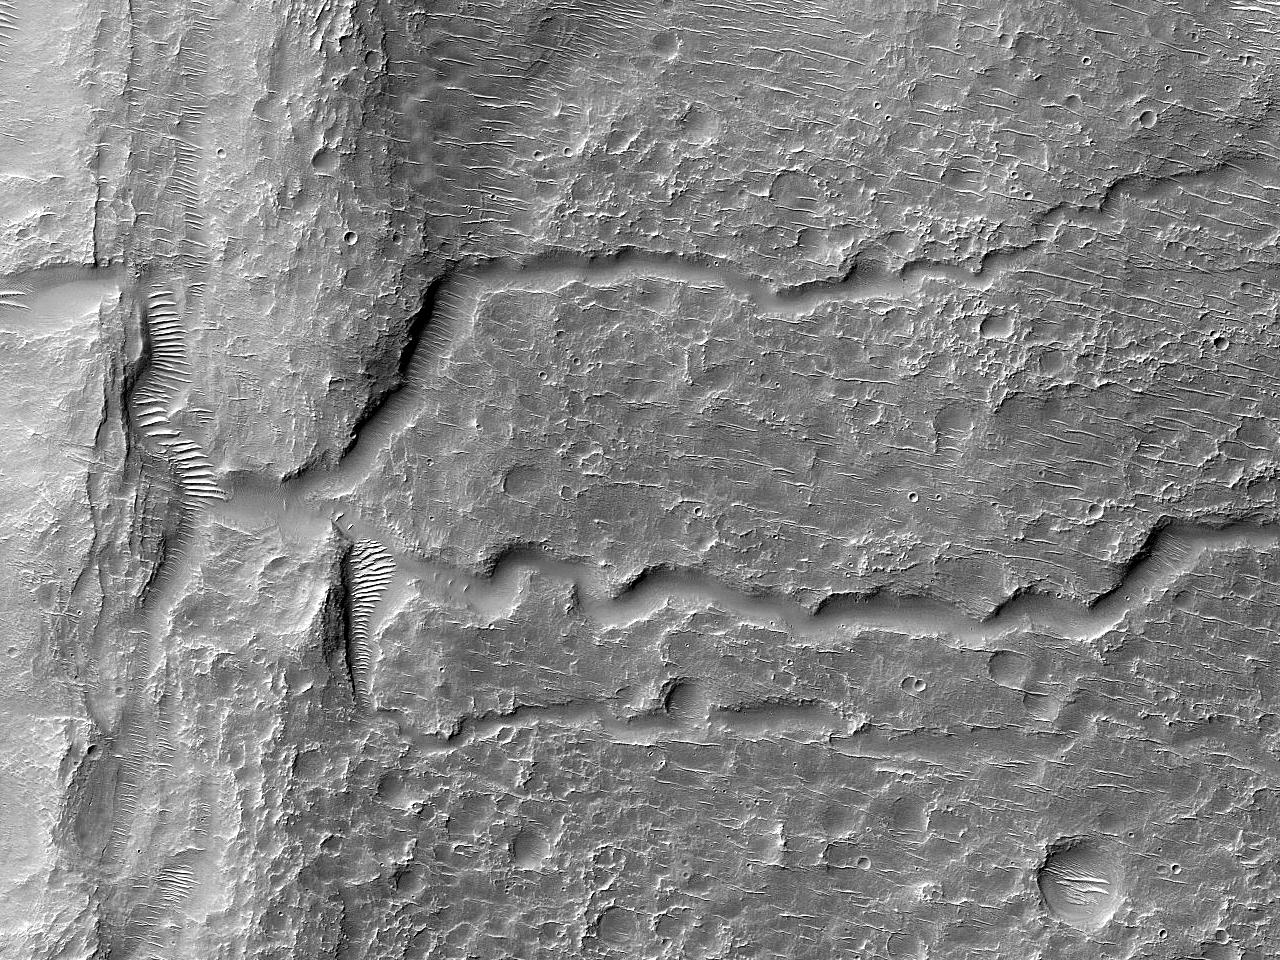 Kanaler i et krater nordøst for Hellas Planitia